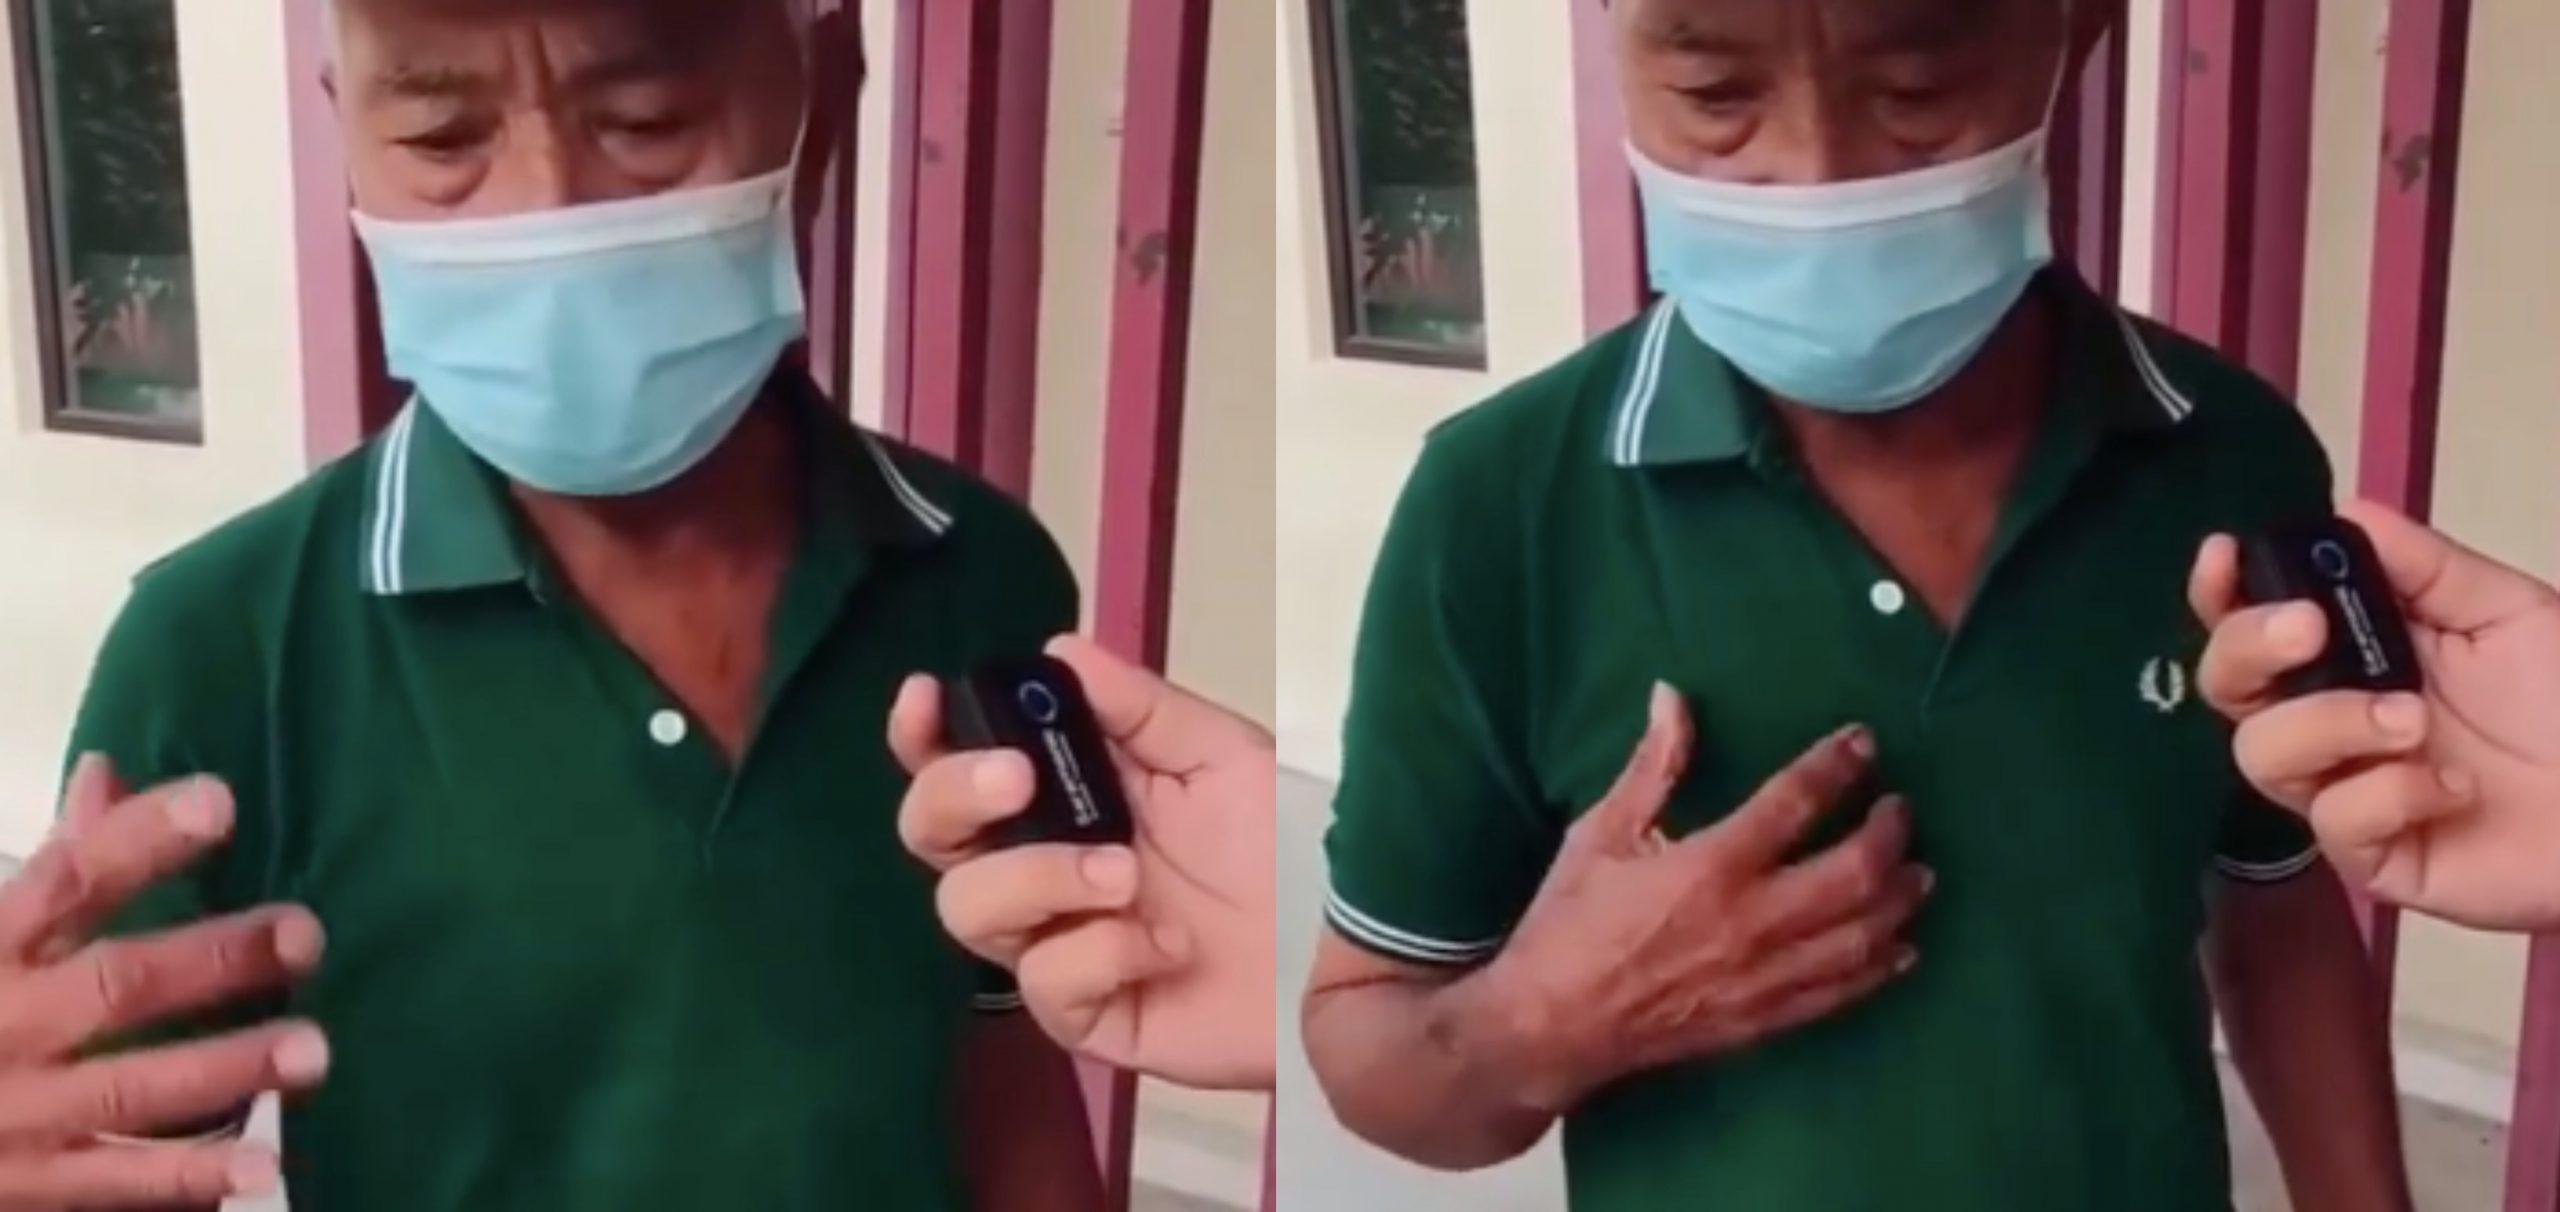 [VIDEO] 'Terima Kasih Banyak Saya Tak Boleh Balas, Saya Hanya Serah Kepada Tuhan' 4